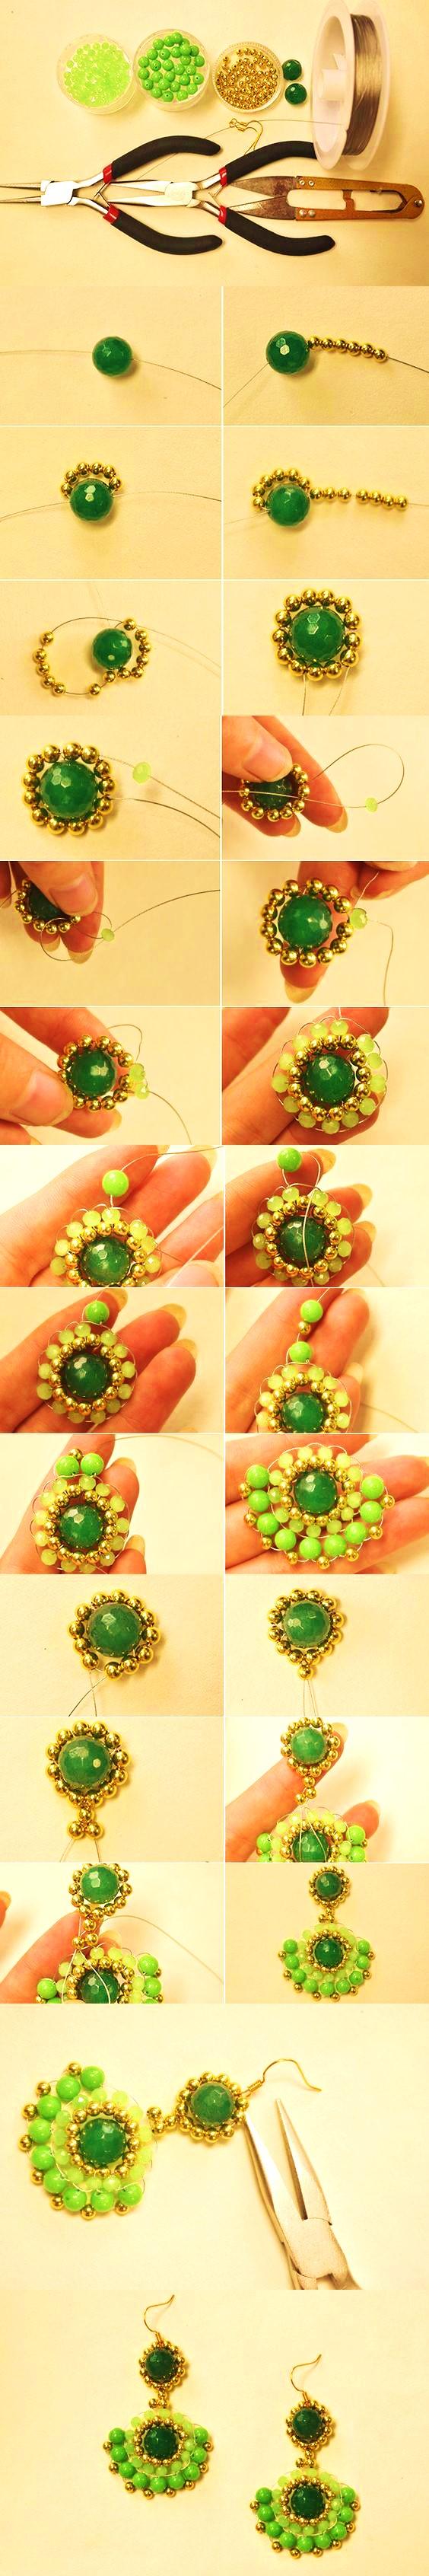 zarcillos pendientes aretes verdes bisuteria paso a paso gratis como se hacer diy